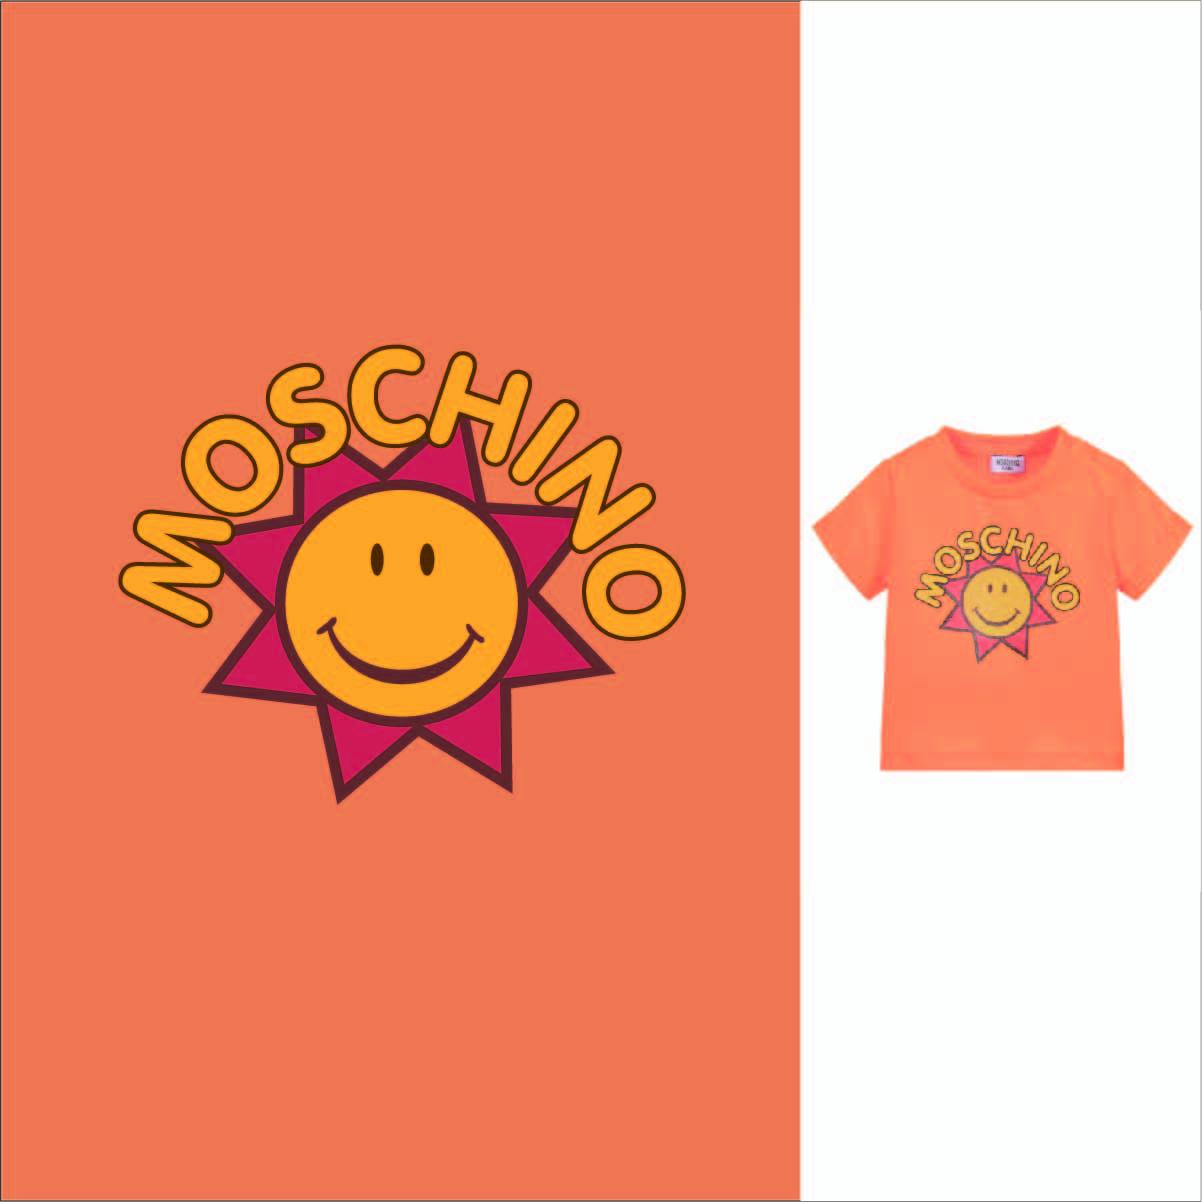 卡通图案太阳字母NOSCHINO潮牌印花矢量图服装裁片T恤烫图印花花型素材-POP花型网